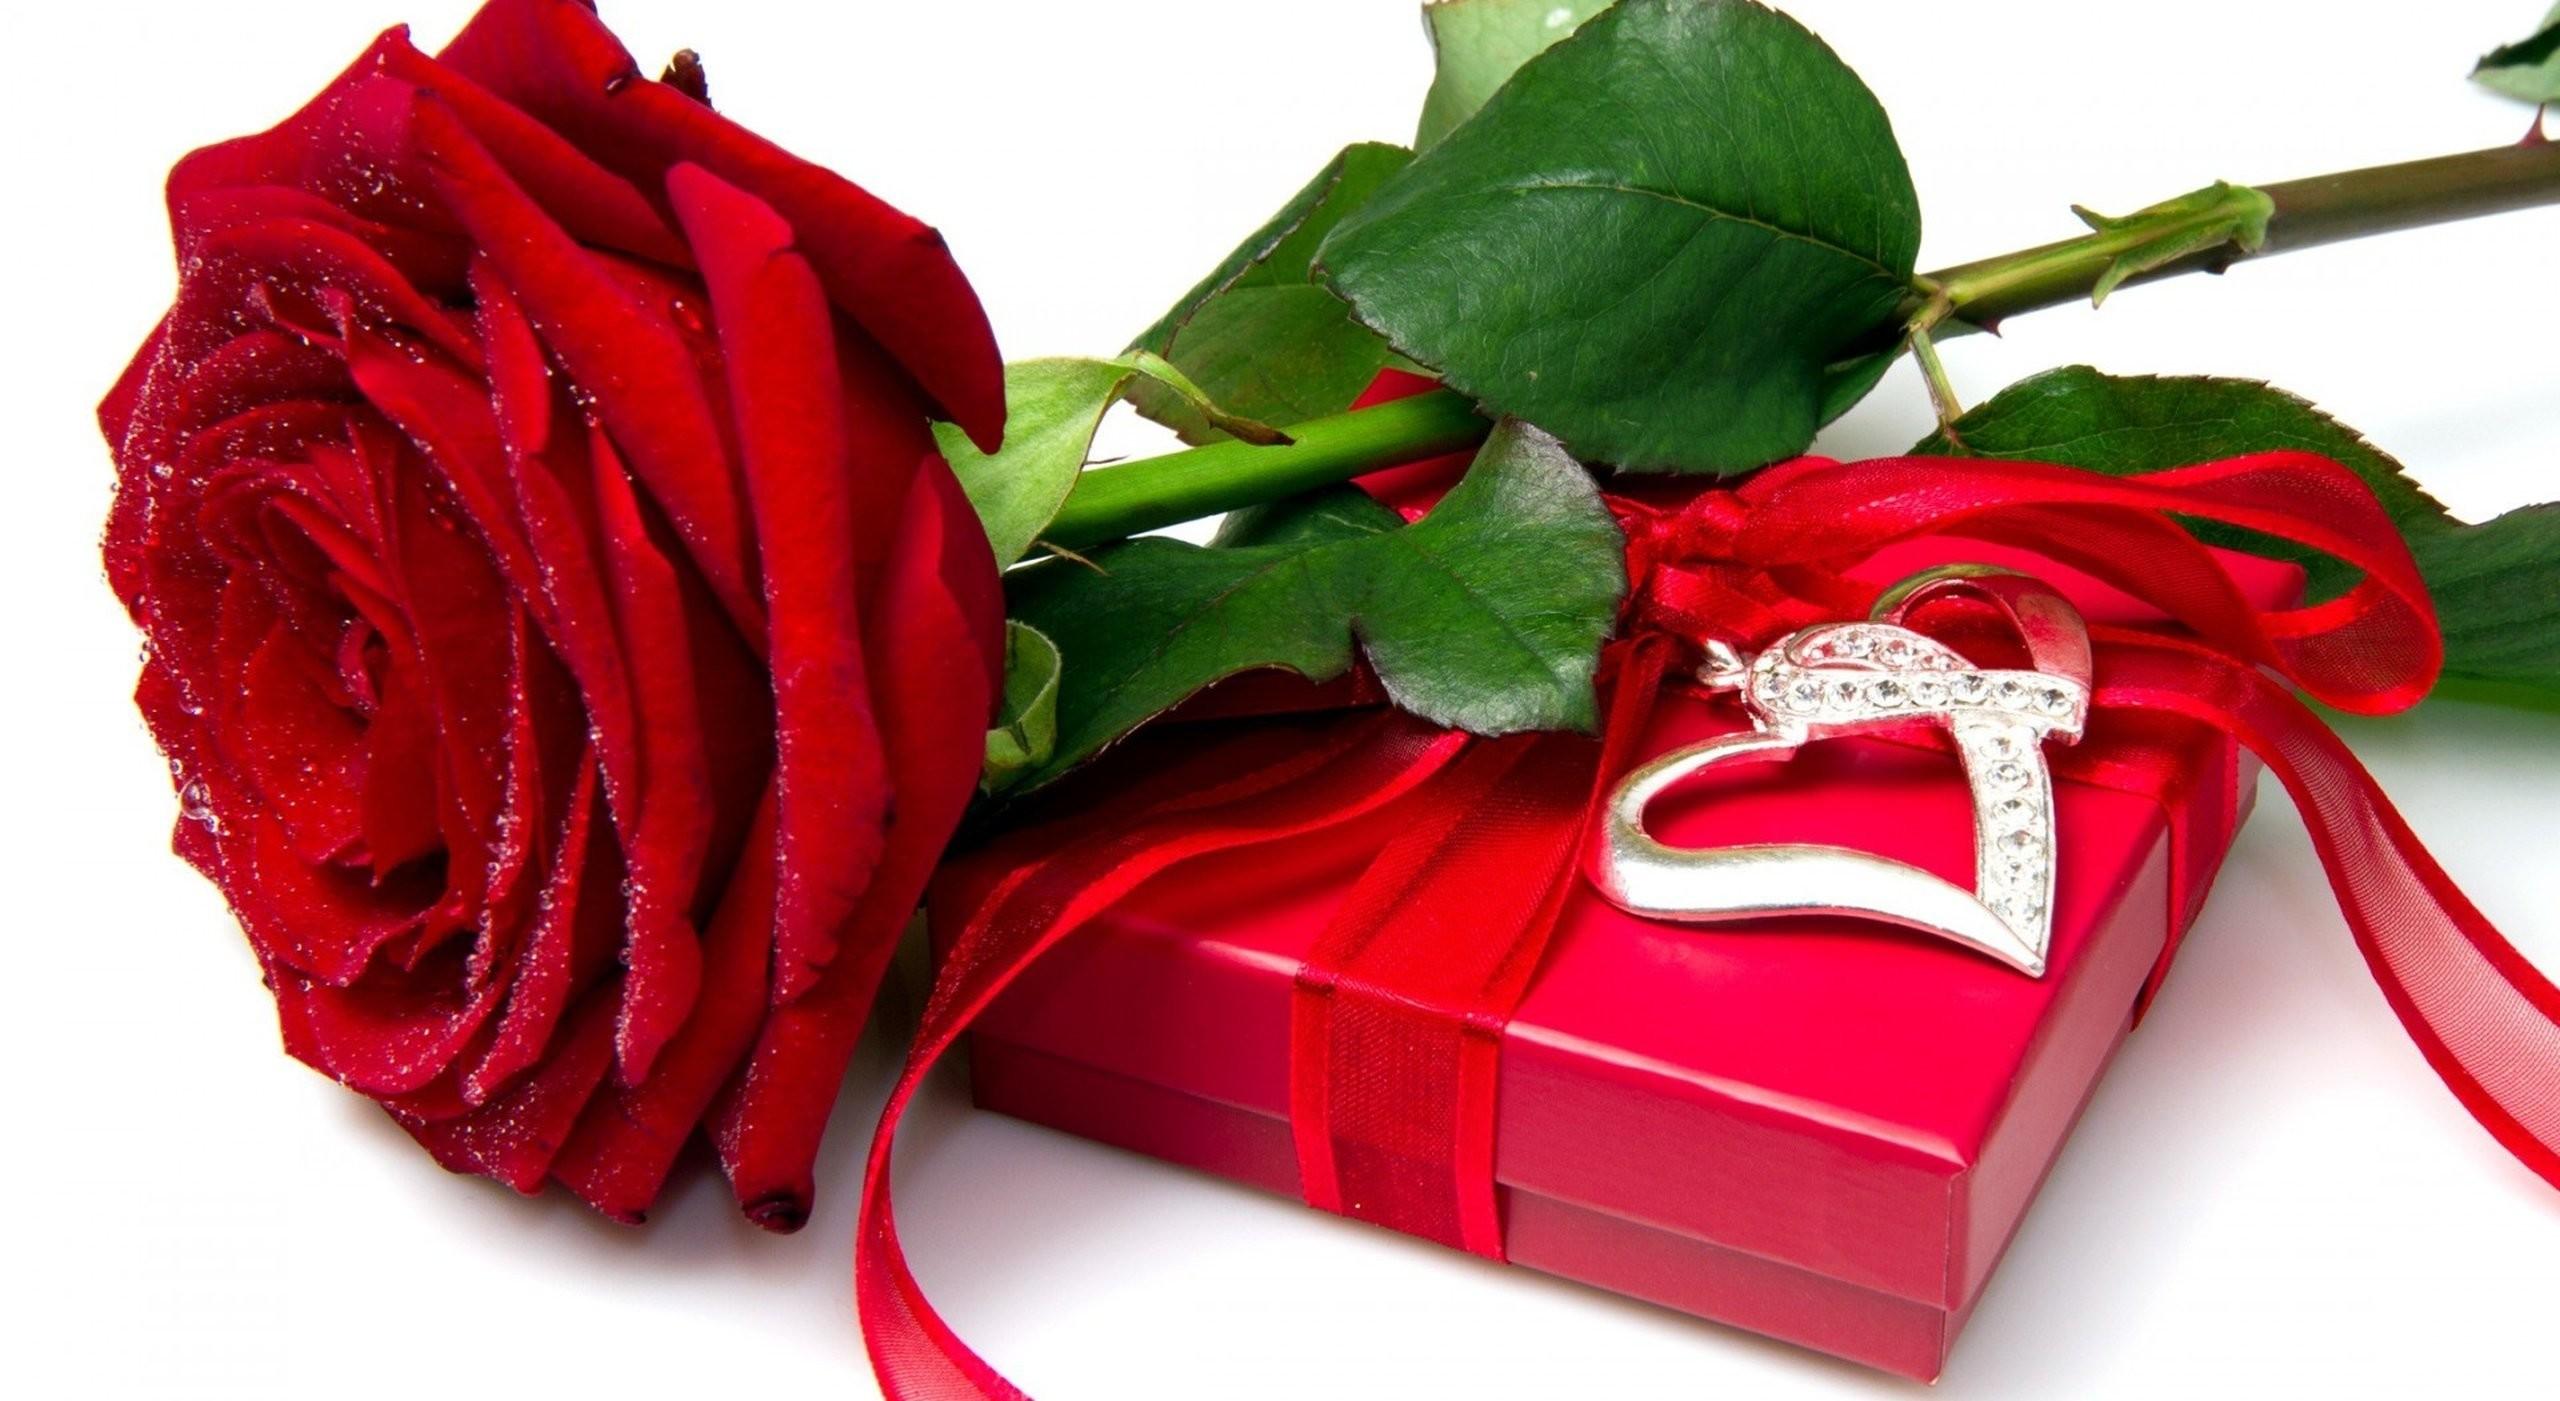 Red rose heart love flower box wallpaper | | 478327 | WallpaperUP